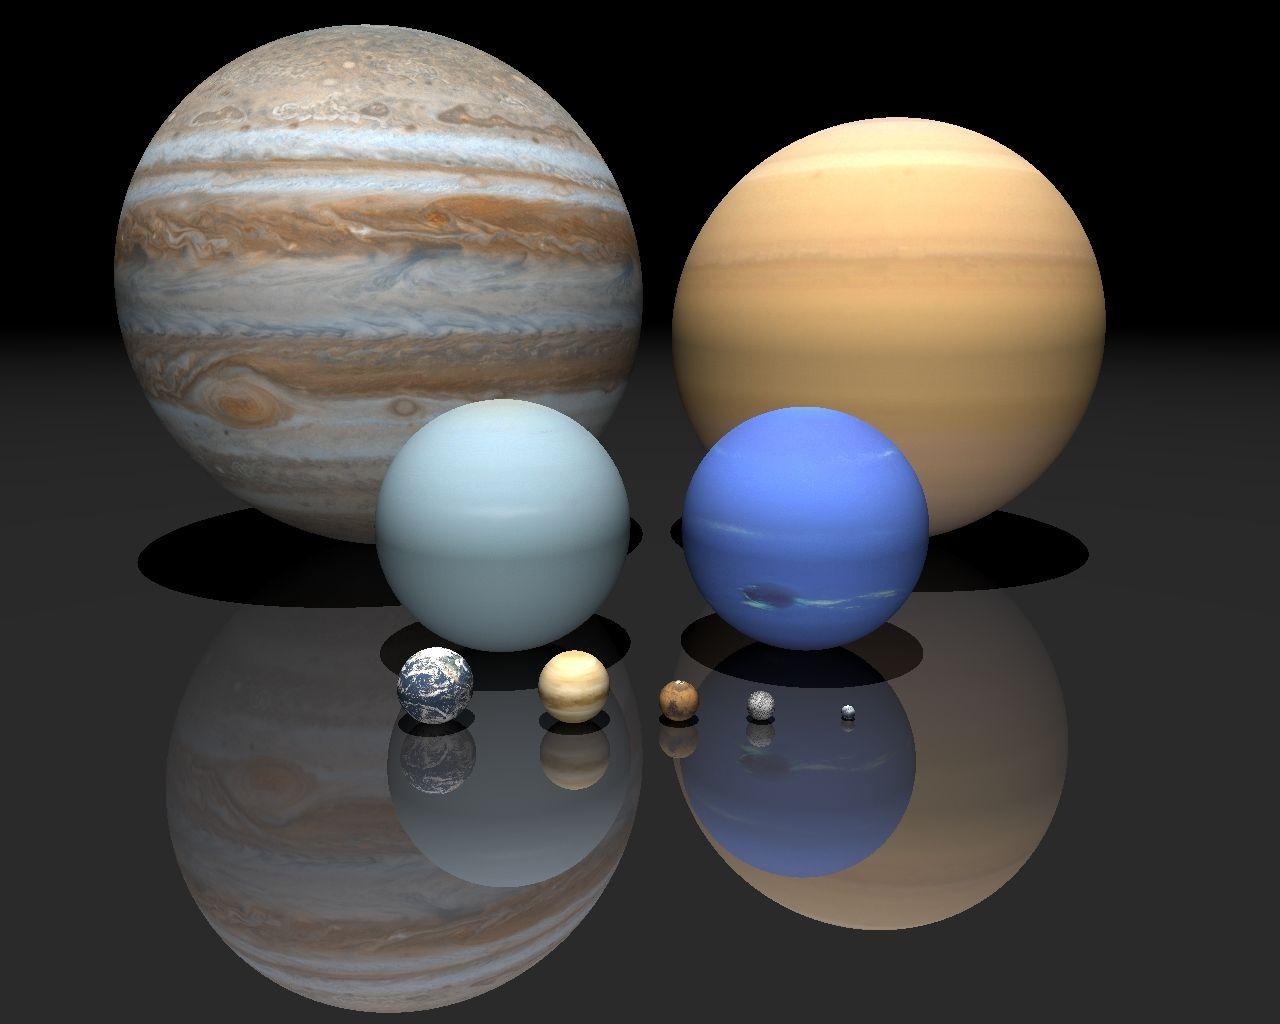 также размер солнечной системы картинки отметить, что они